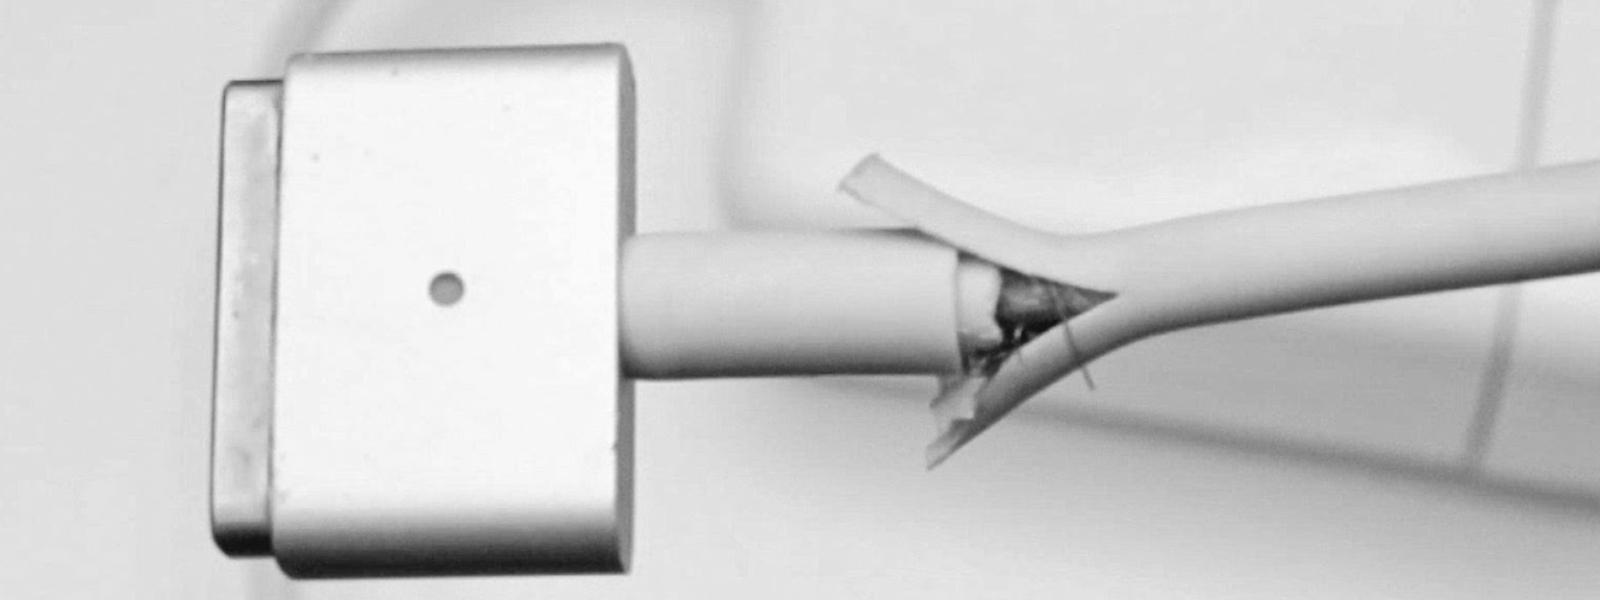 Naderwany kabel w zasilaczu Magsafe Apple? Nie trzeba przepłacać